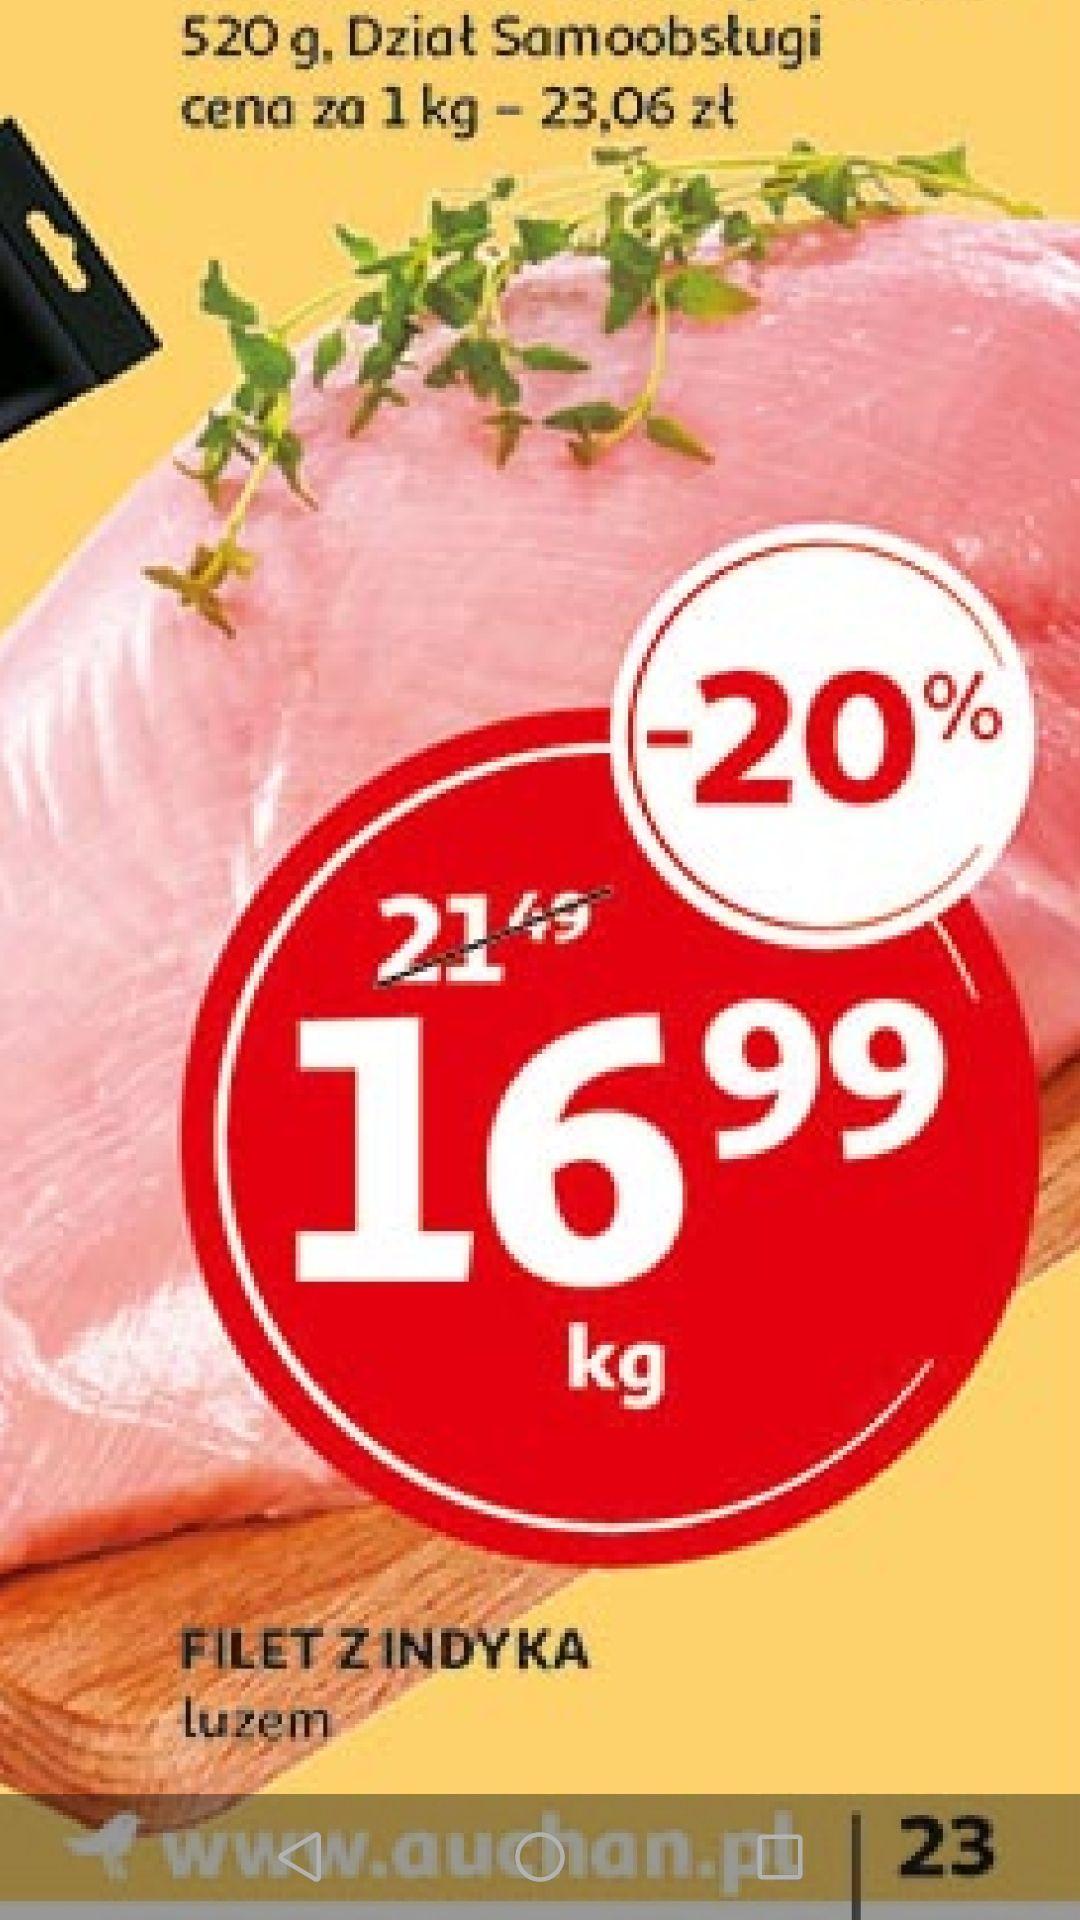 Filet z indyka luzem Auchan ogólnopolska